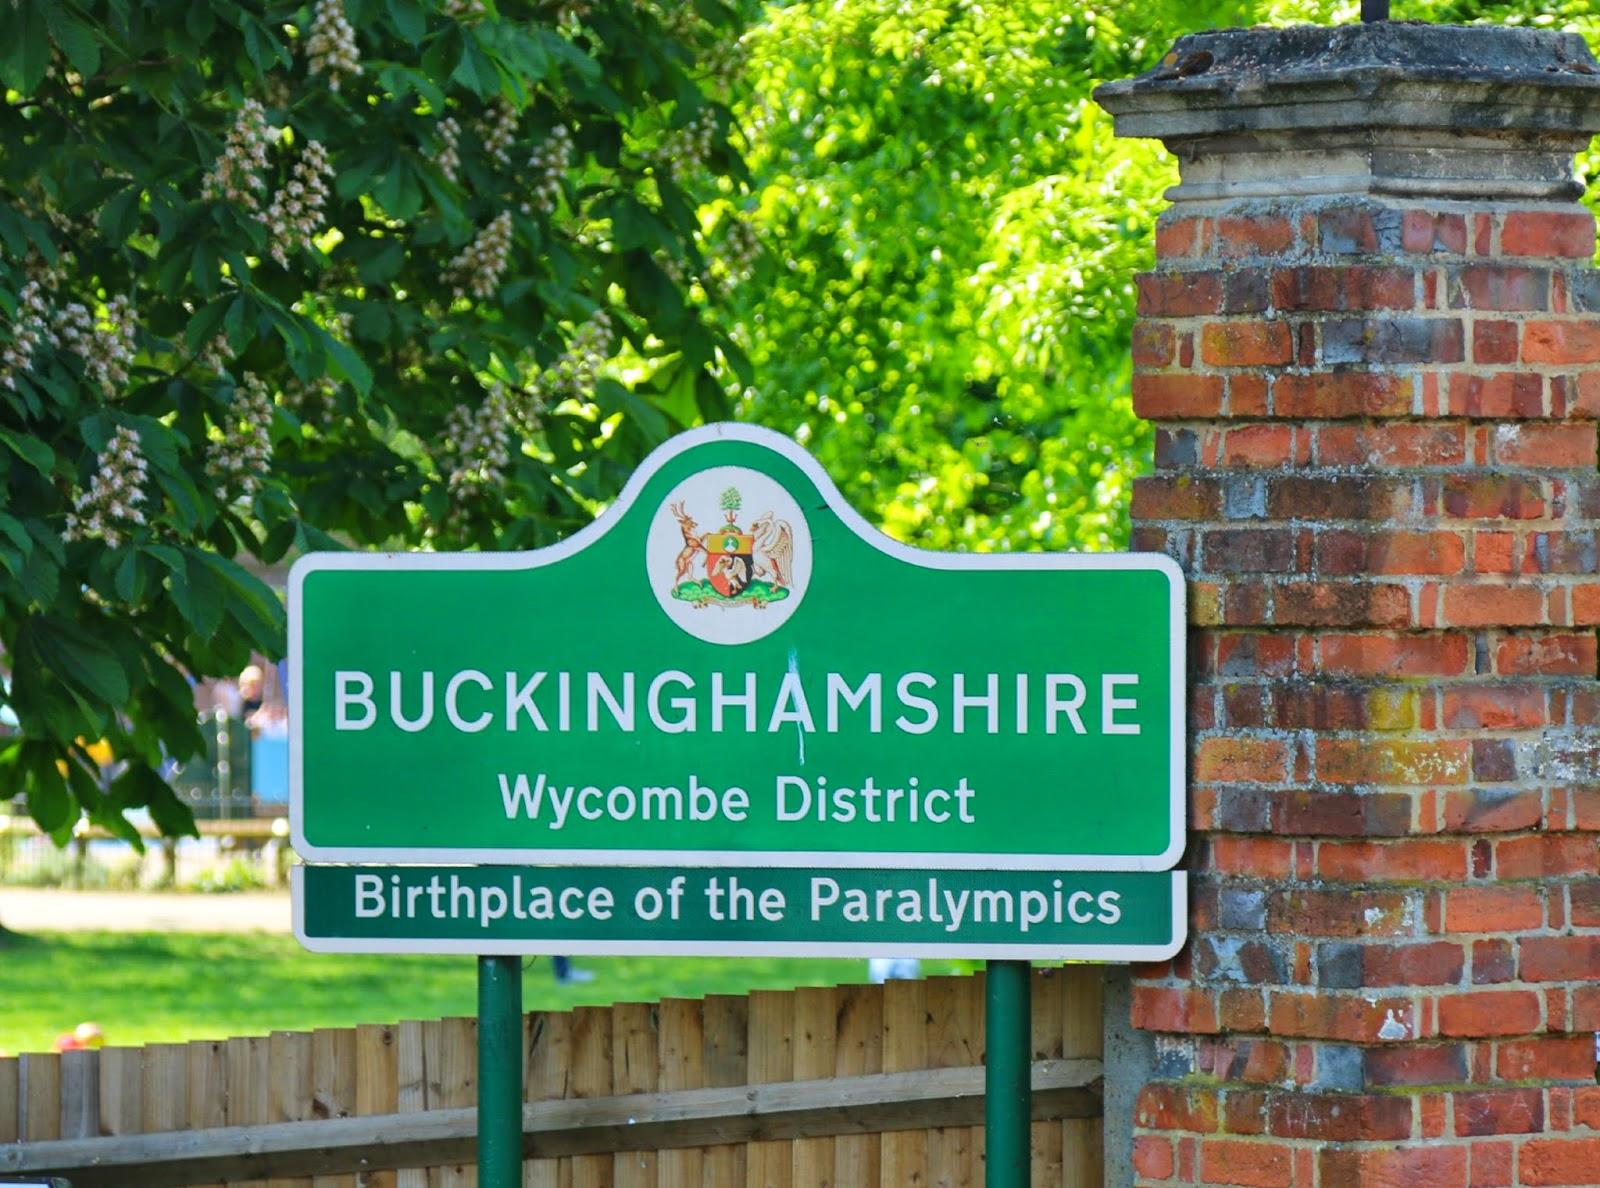 Buckinghamshire sign